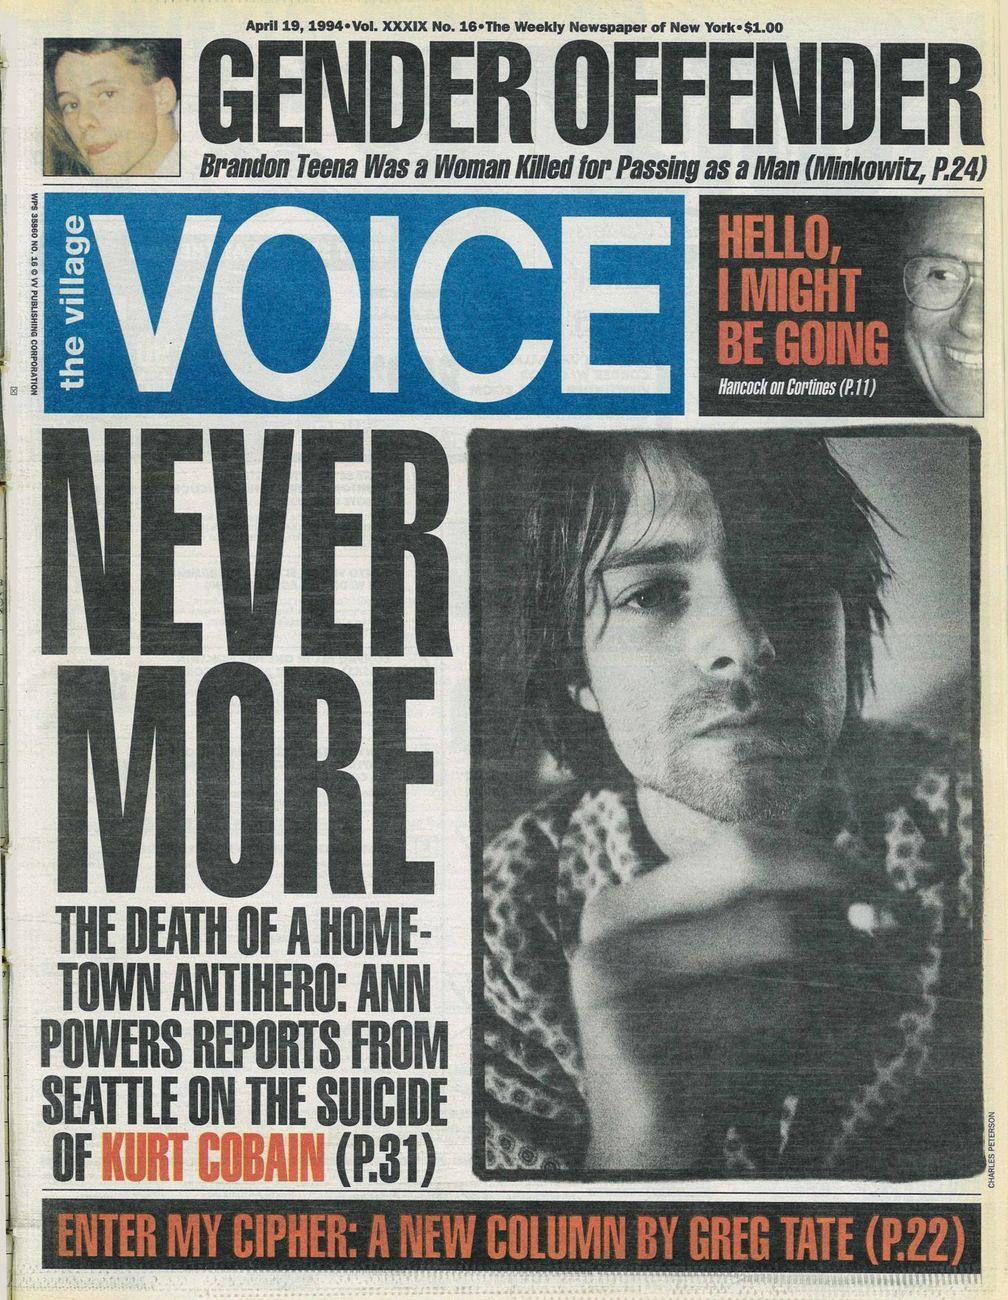 The Village Voice, 19 aprile 1994